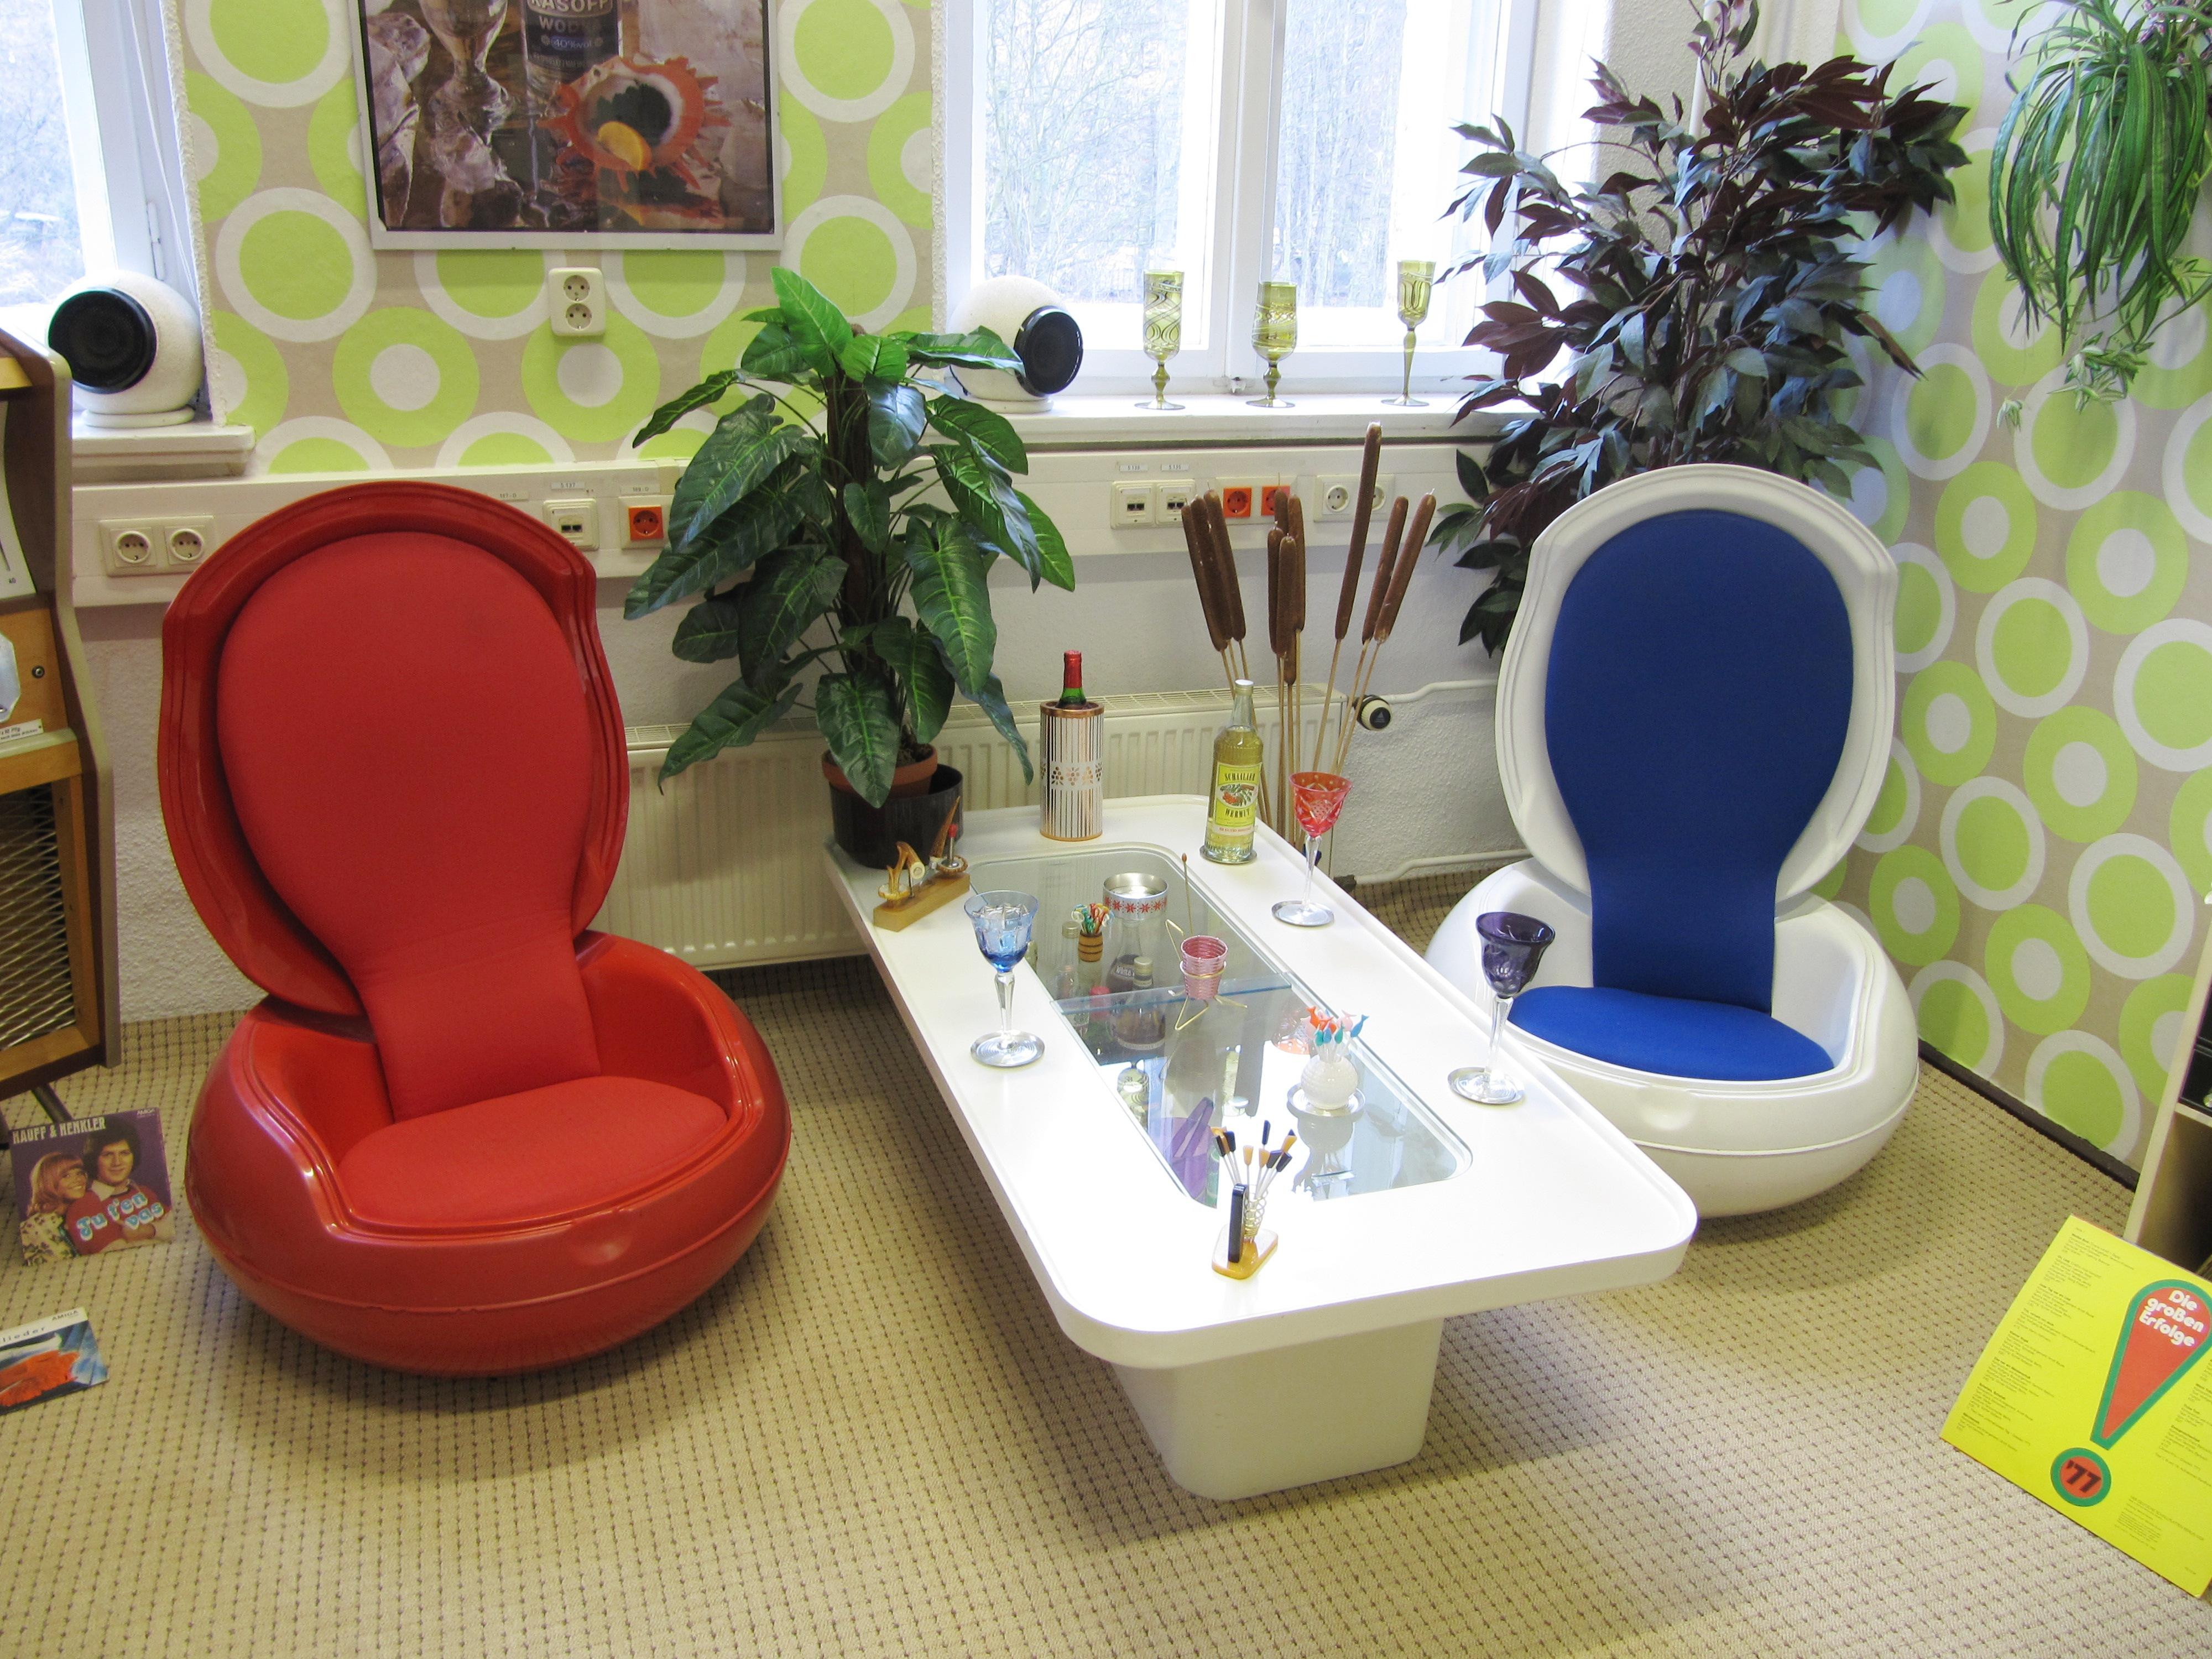 file ddr museum pirna kunststoffgegenst nde senftenberger. Black Bedroom Furniture Sets. Home Design Ideas